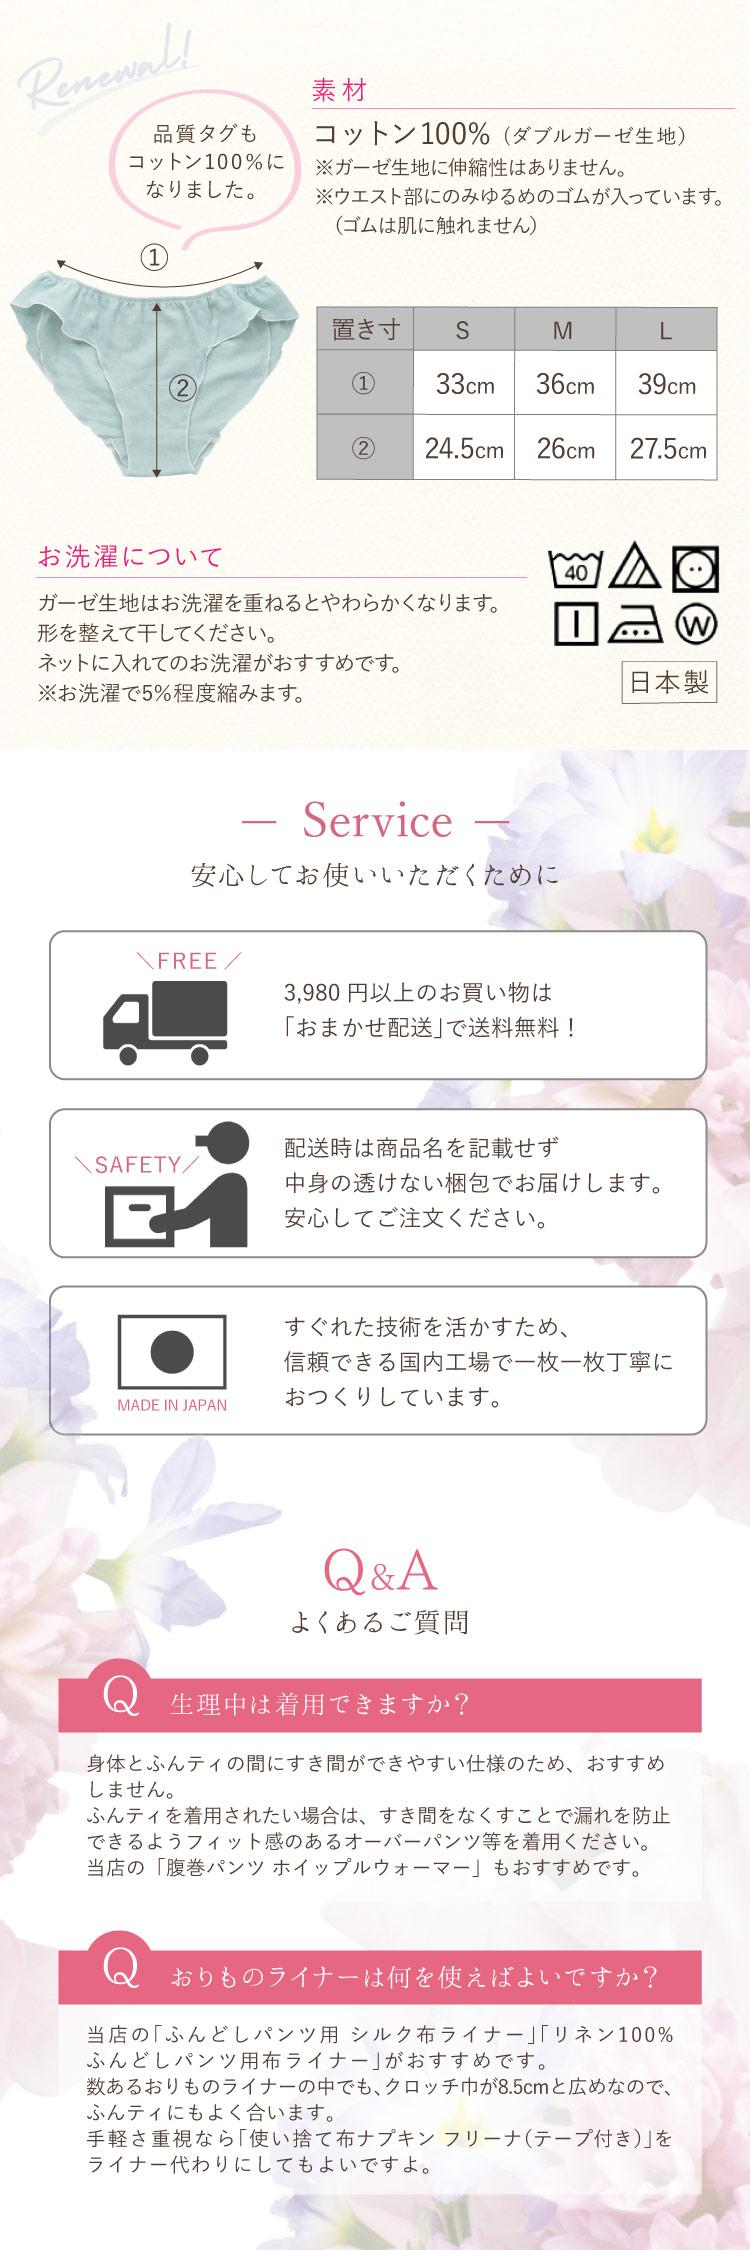 サービス、Q&A